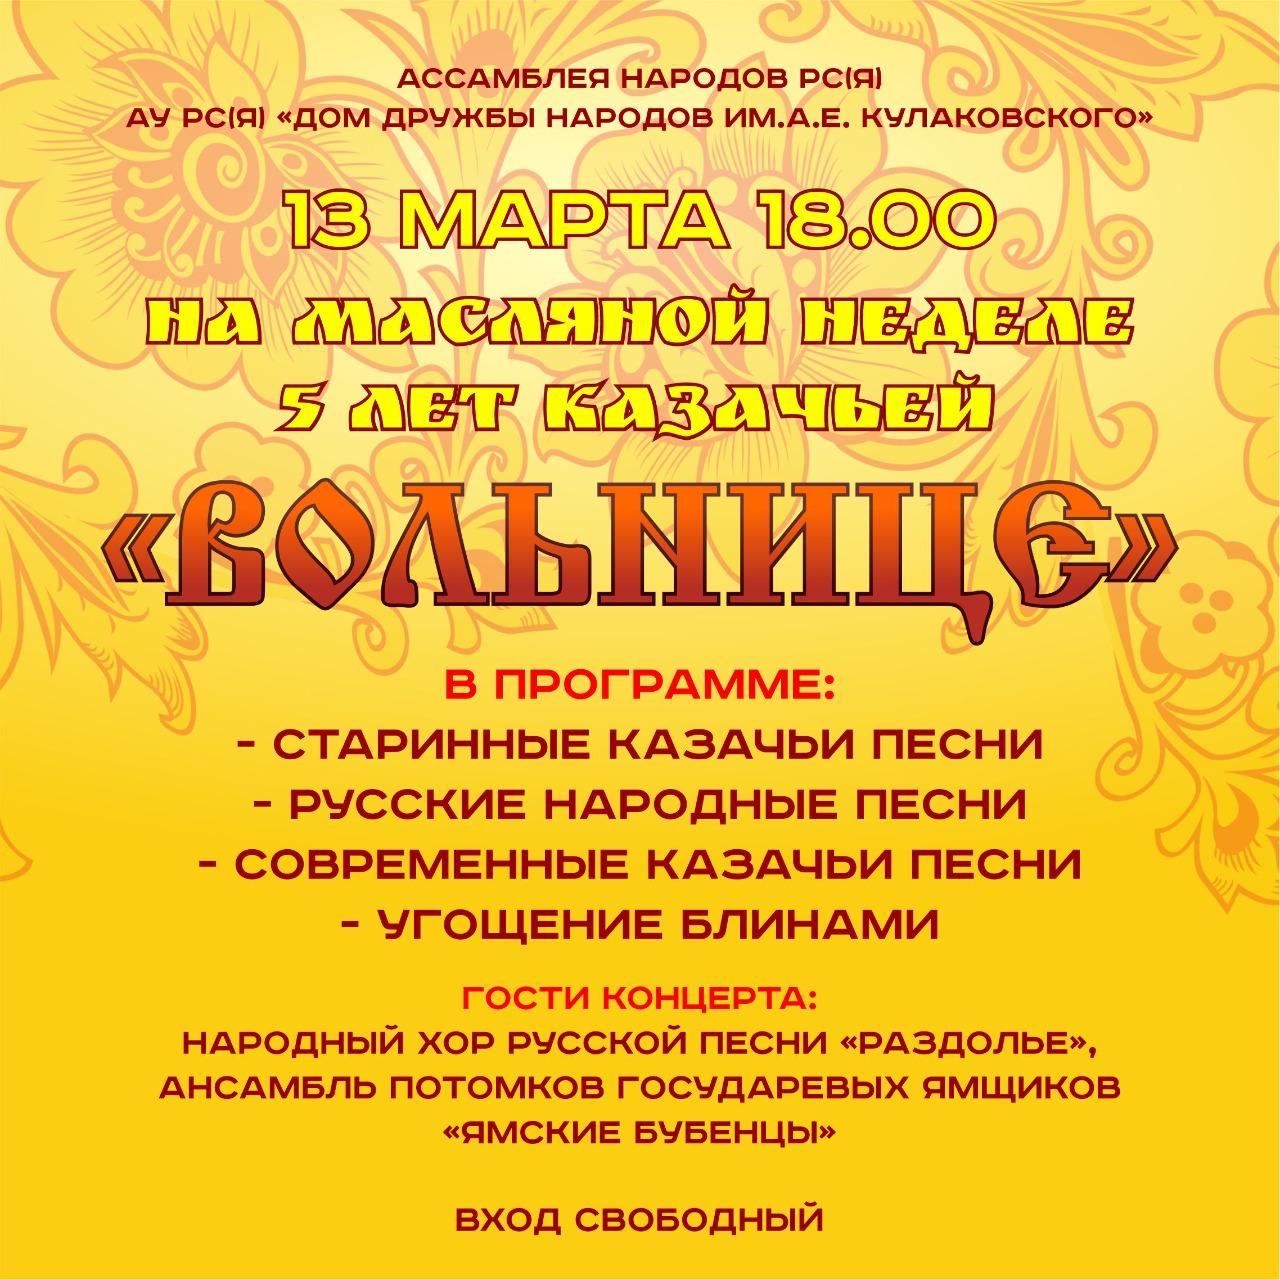 Ансамбль «Вольница» приглашает на юбилейный концерт